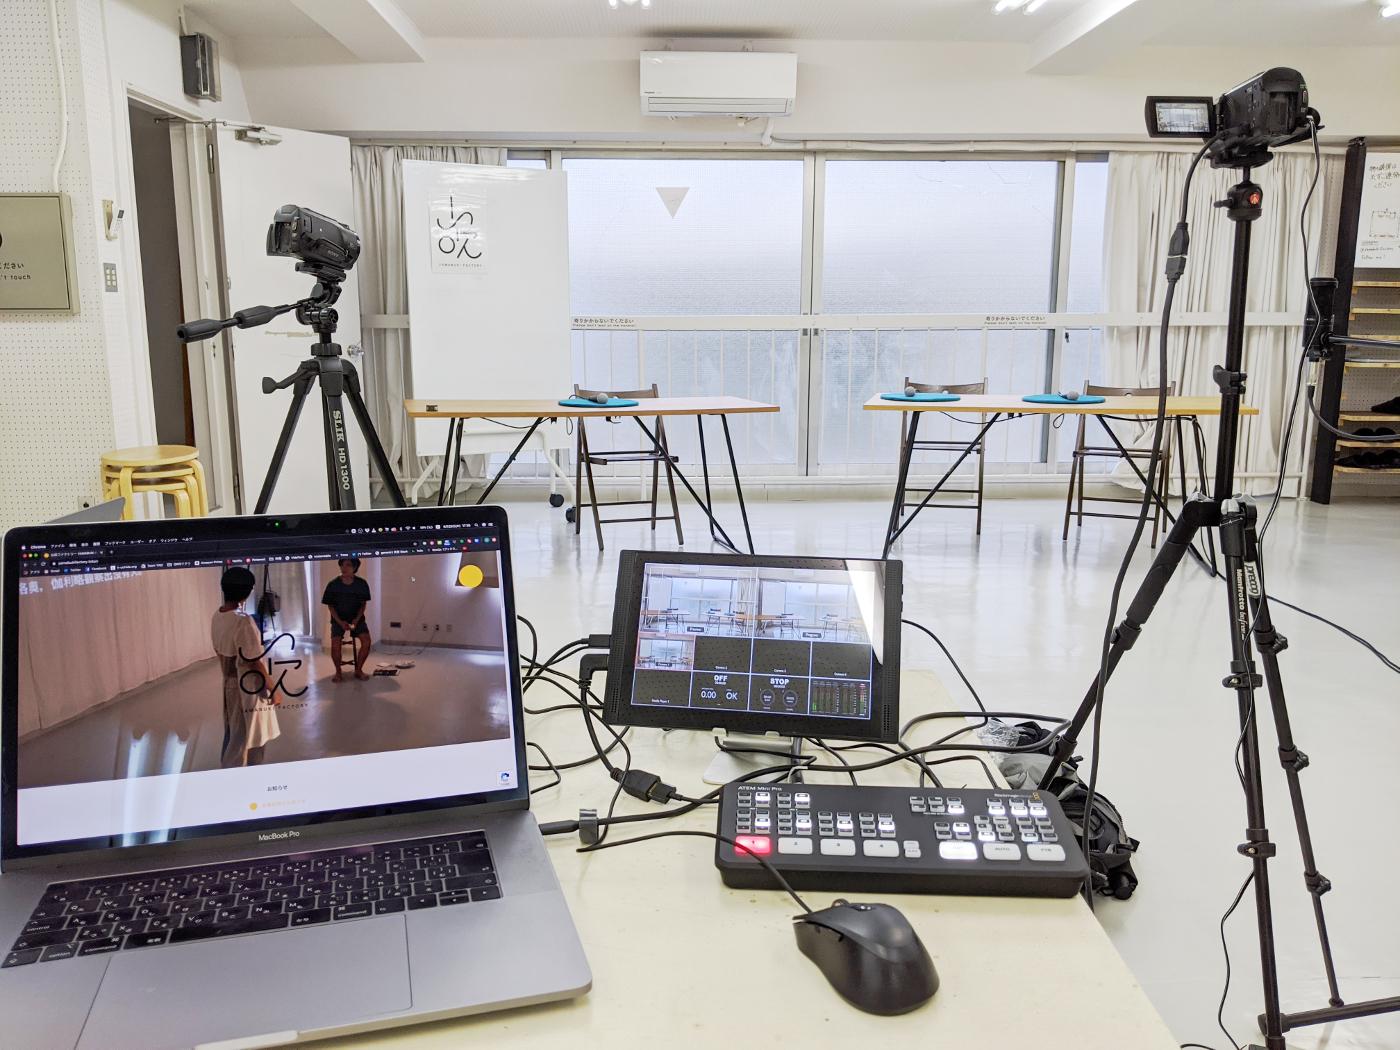 東京都新宿区のレンタルスタジオ「山吹ファクトリー」